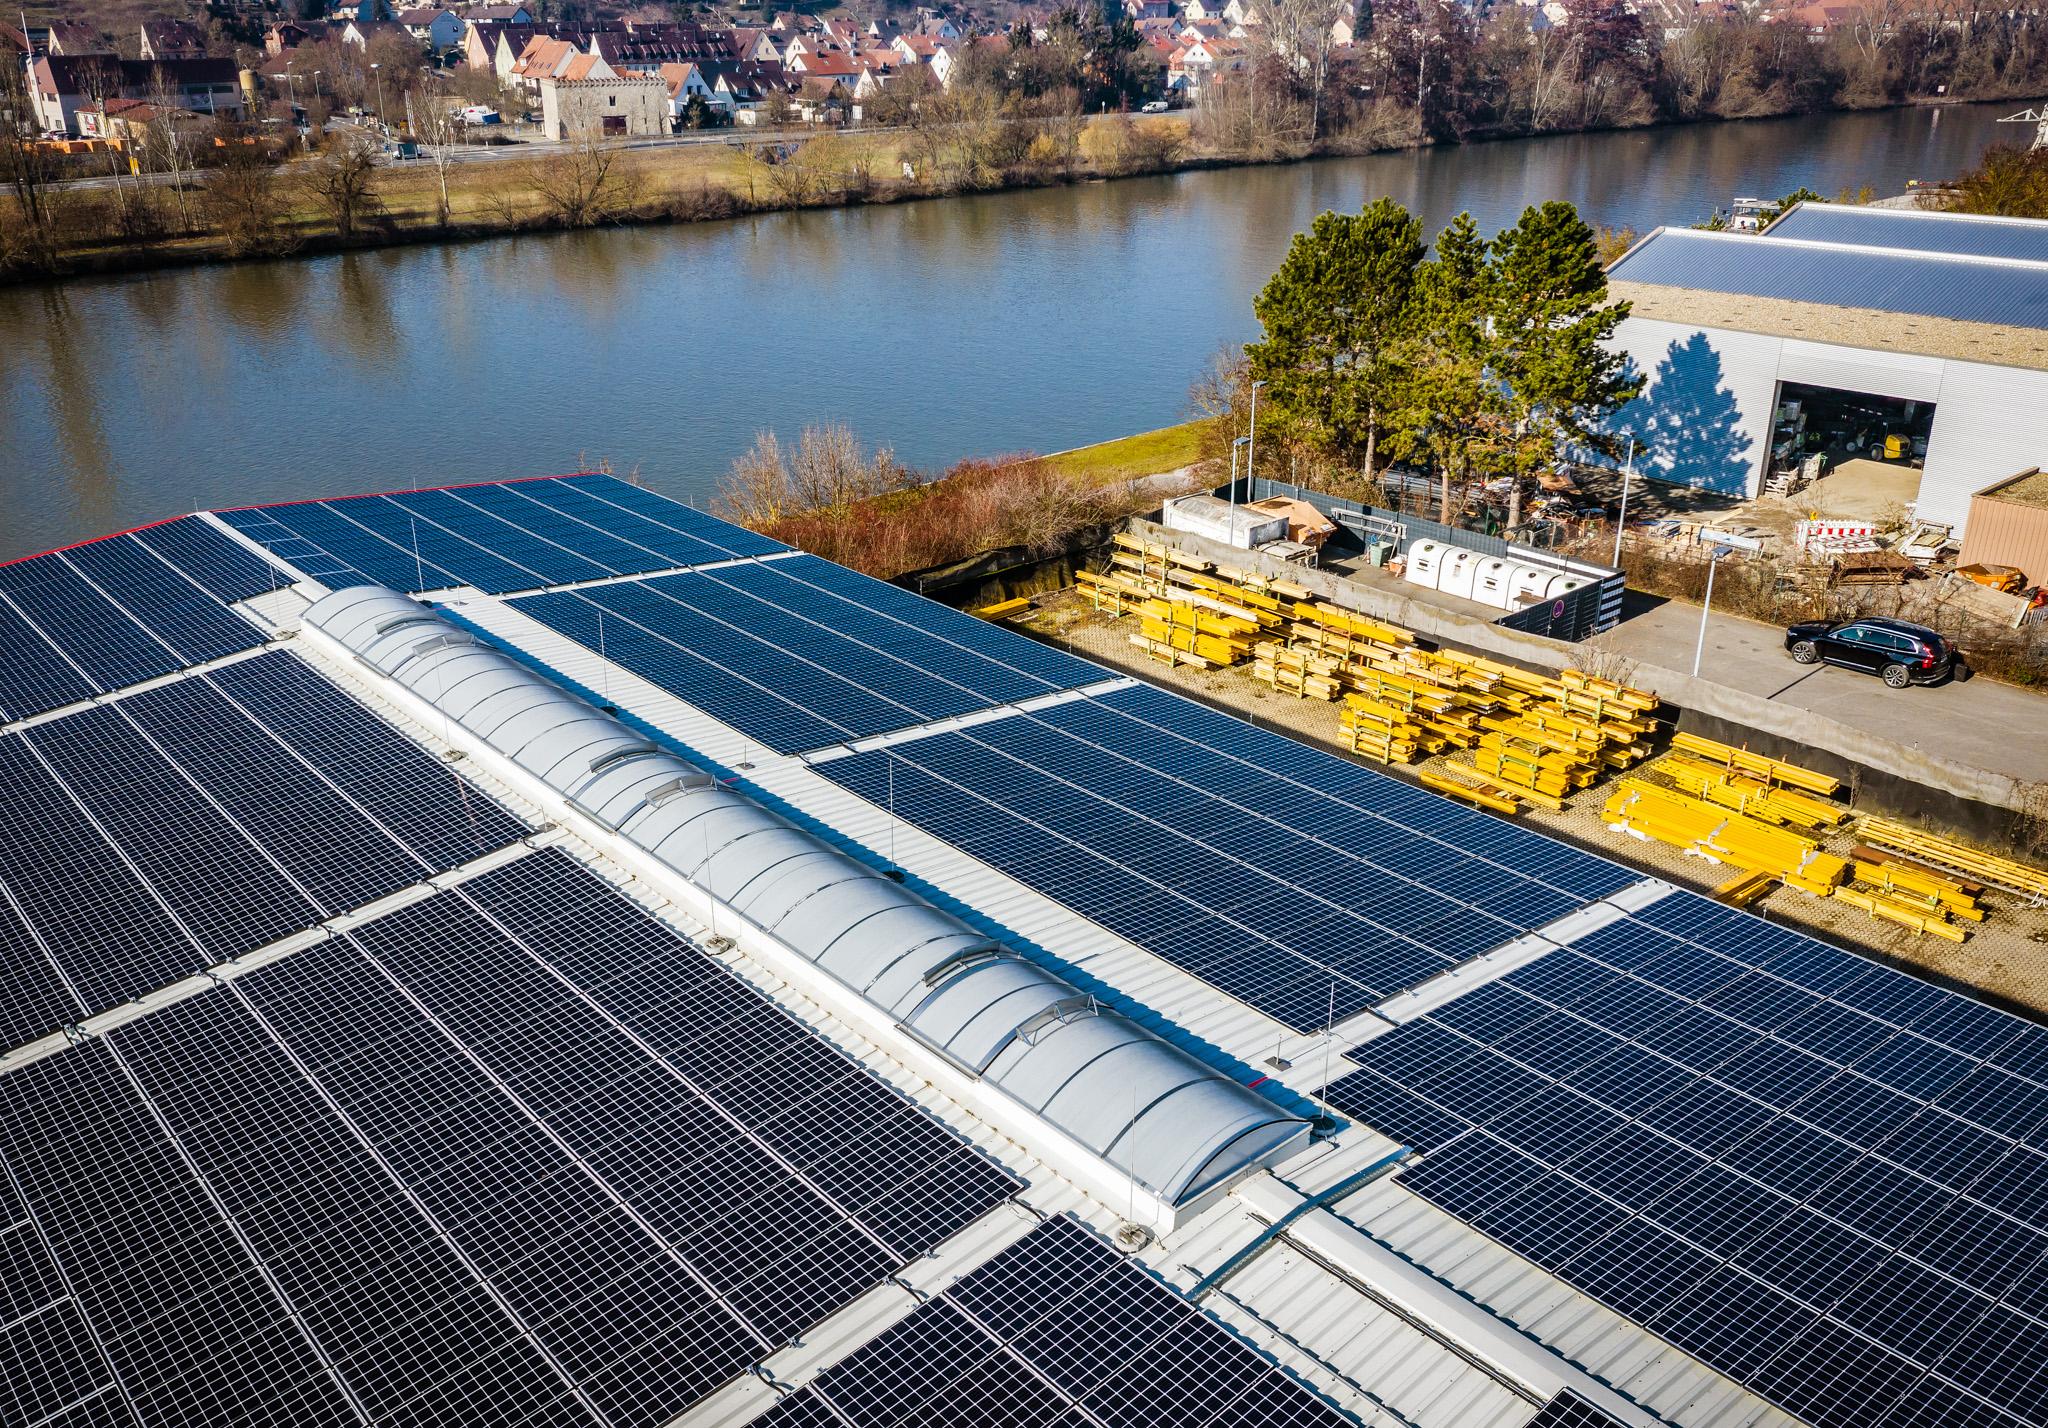 Neue PV-Anlage in der Friedrich-König-Straße. Foto: TOM BAUER – AD PHOTOGRAPHY